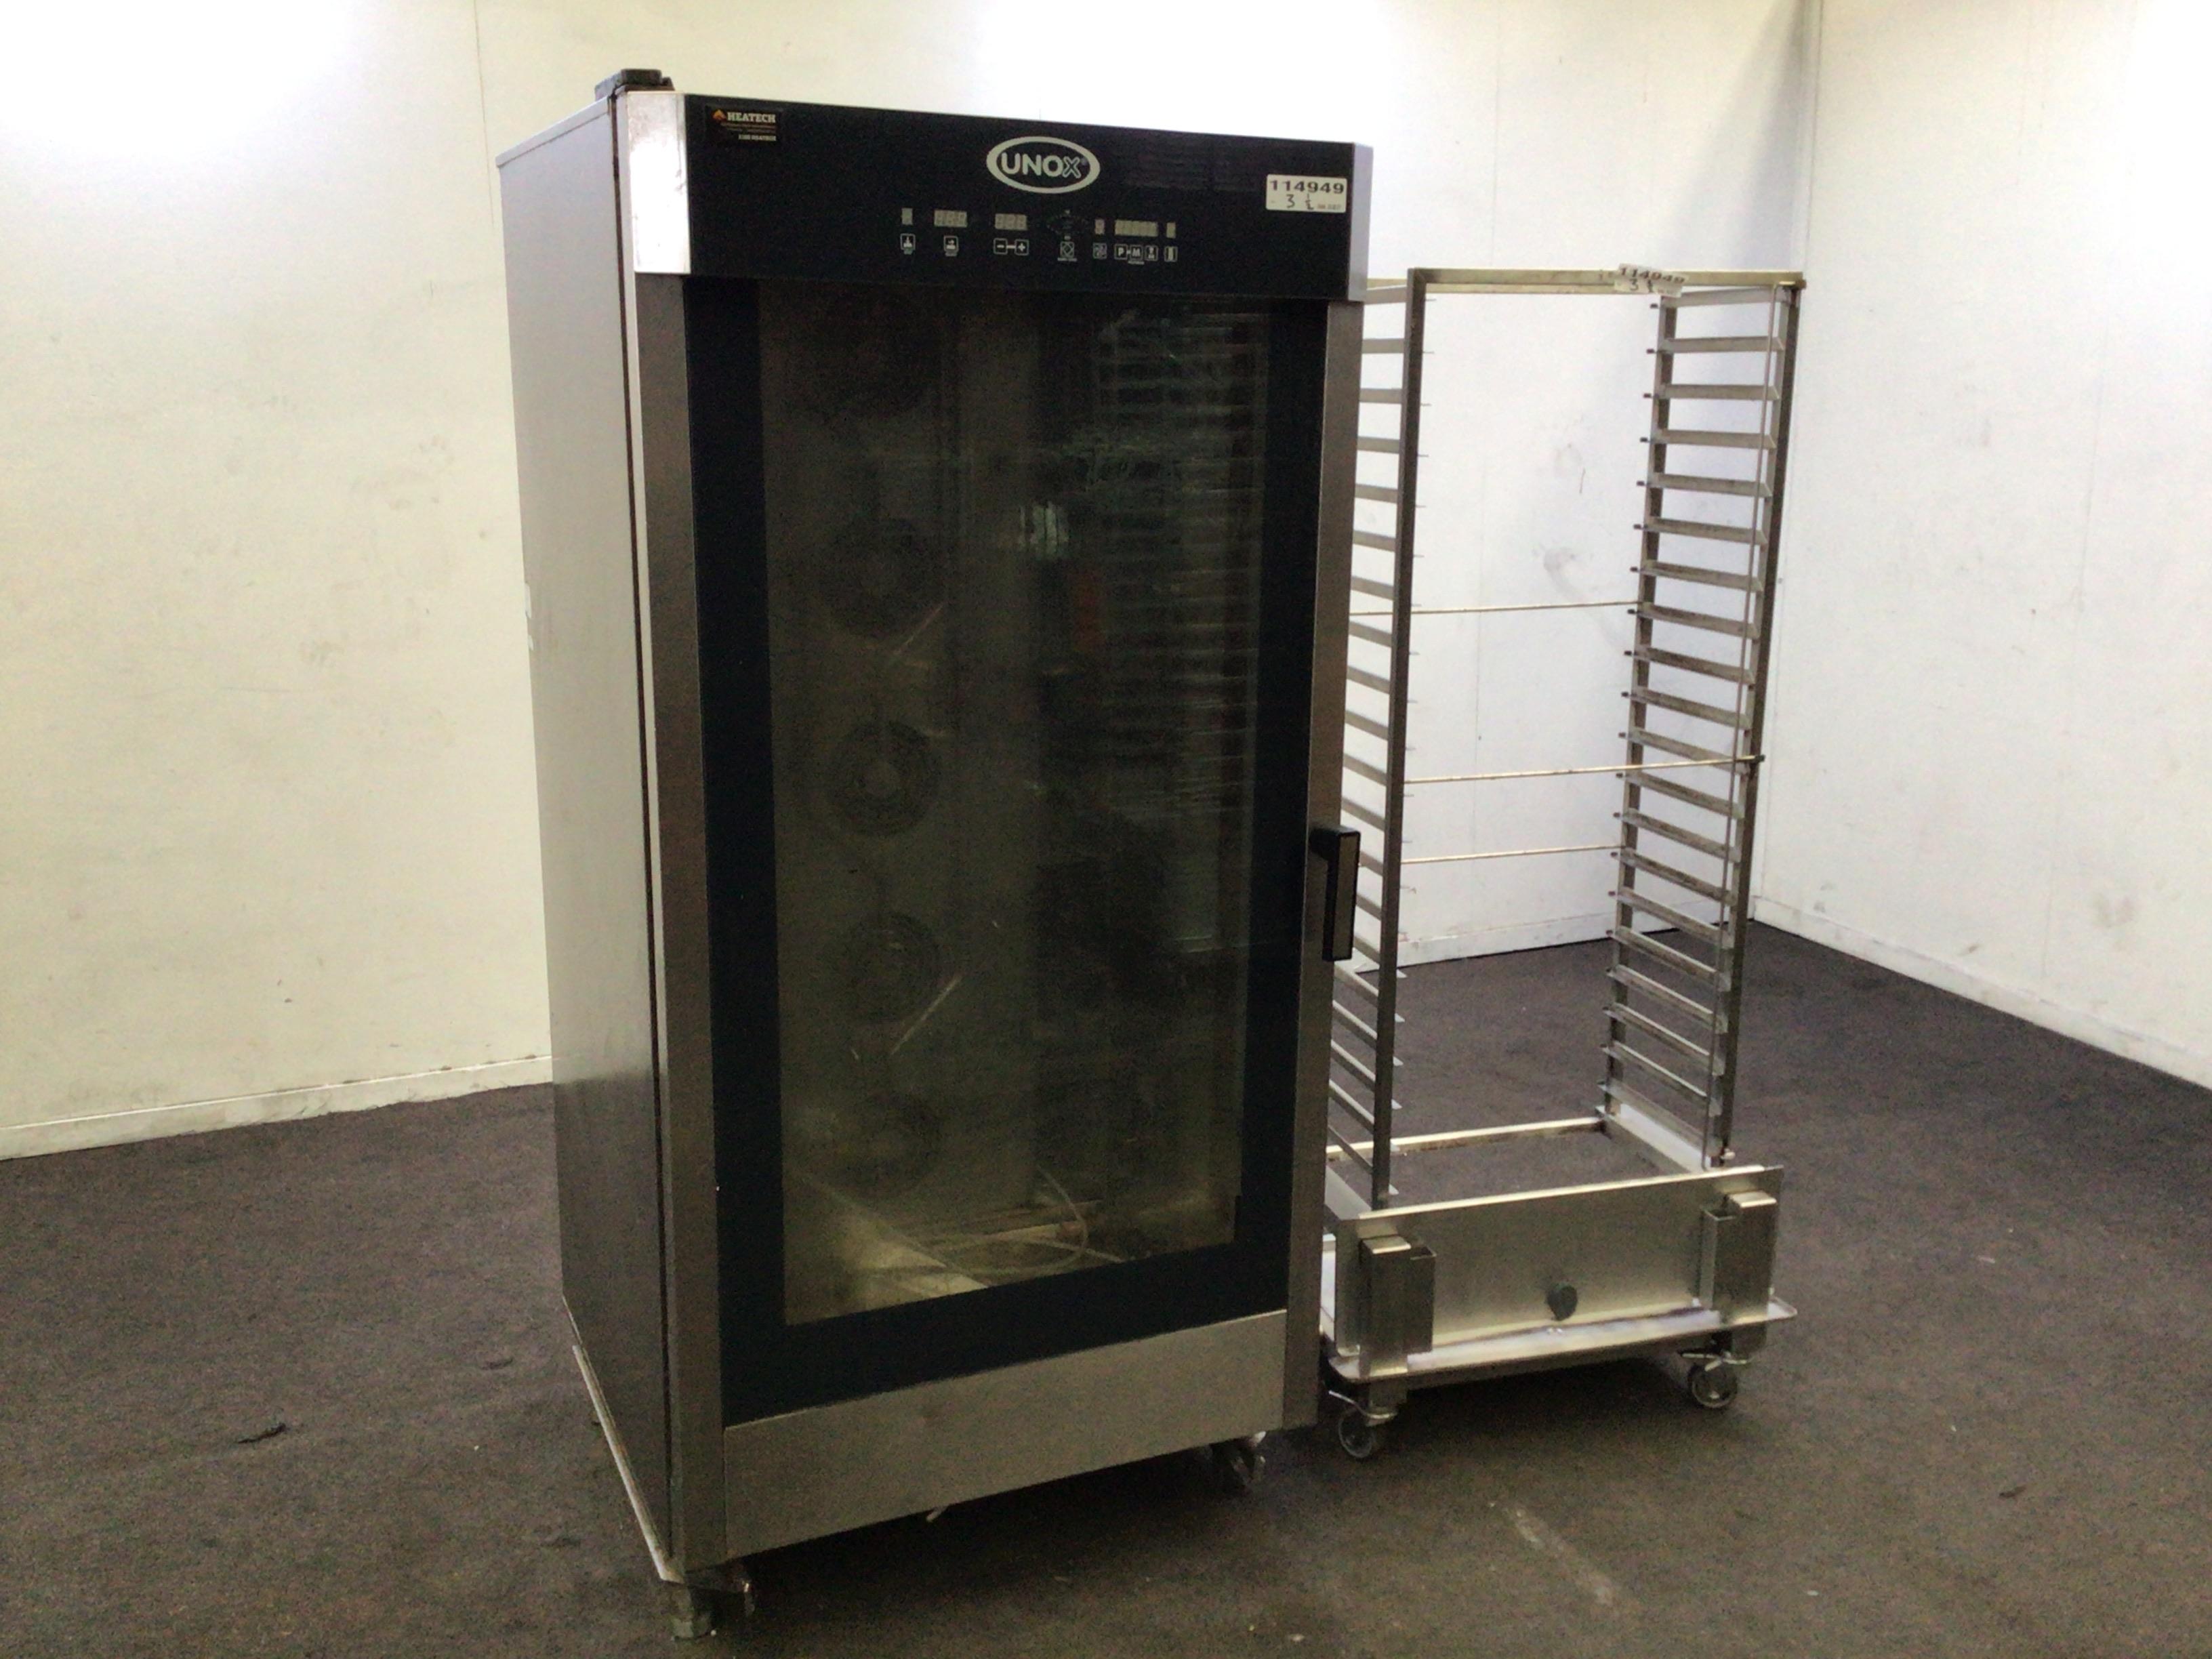 Unox XC405 Oven